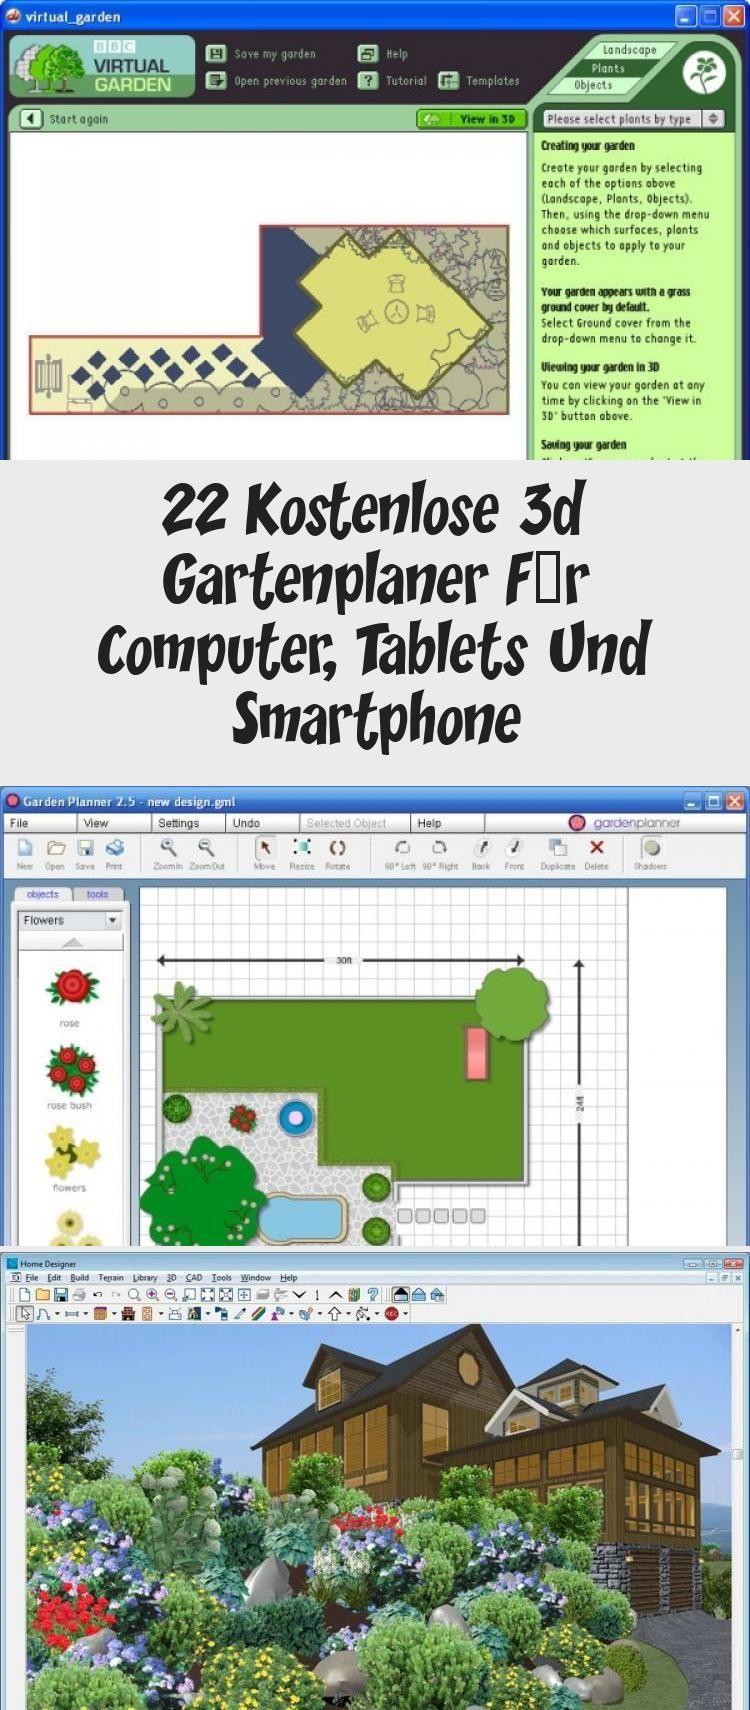 Planer Landschaftsbau Online Software Mein Schoener Garten Planungstool Gartenplanungkinder Gartenplanungideen Gartenplanungmitpool In 2020 Plants Tutorial Garden